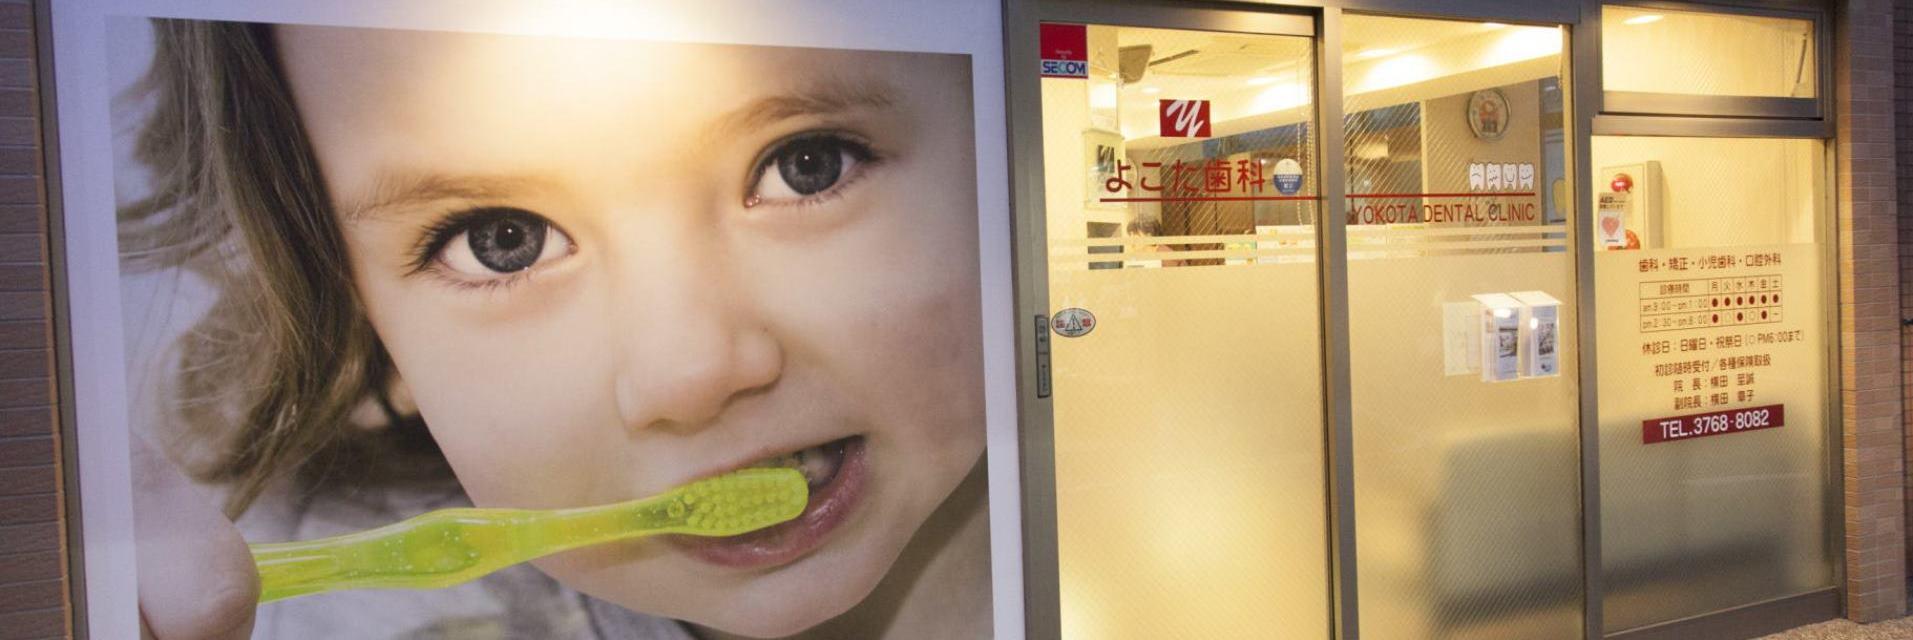 信頼できる優しい痛みのない歯科医院を目指しております